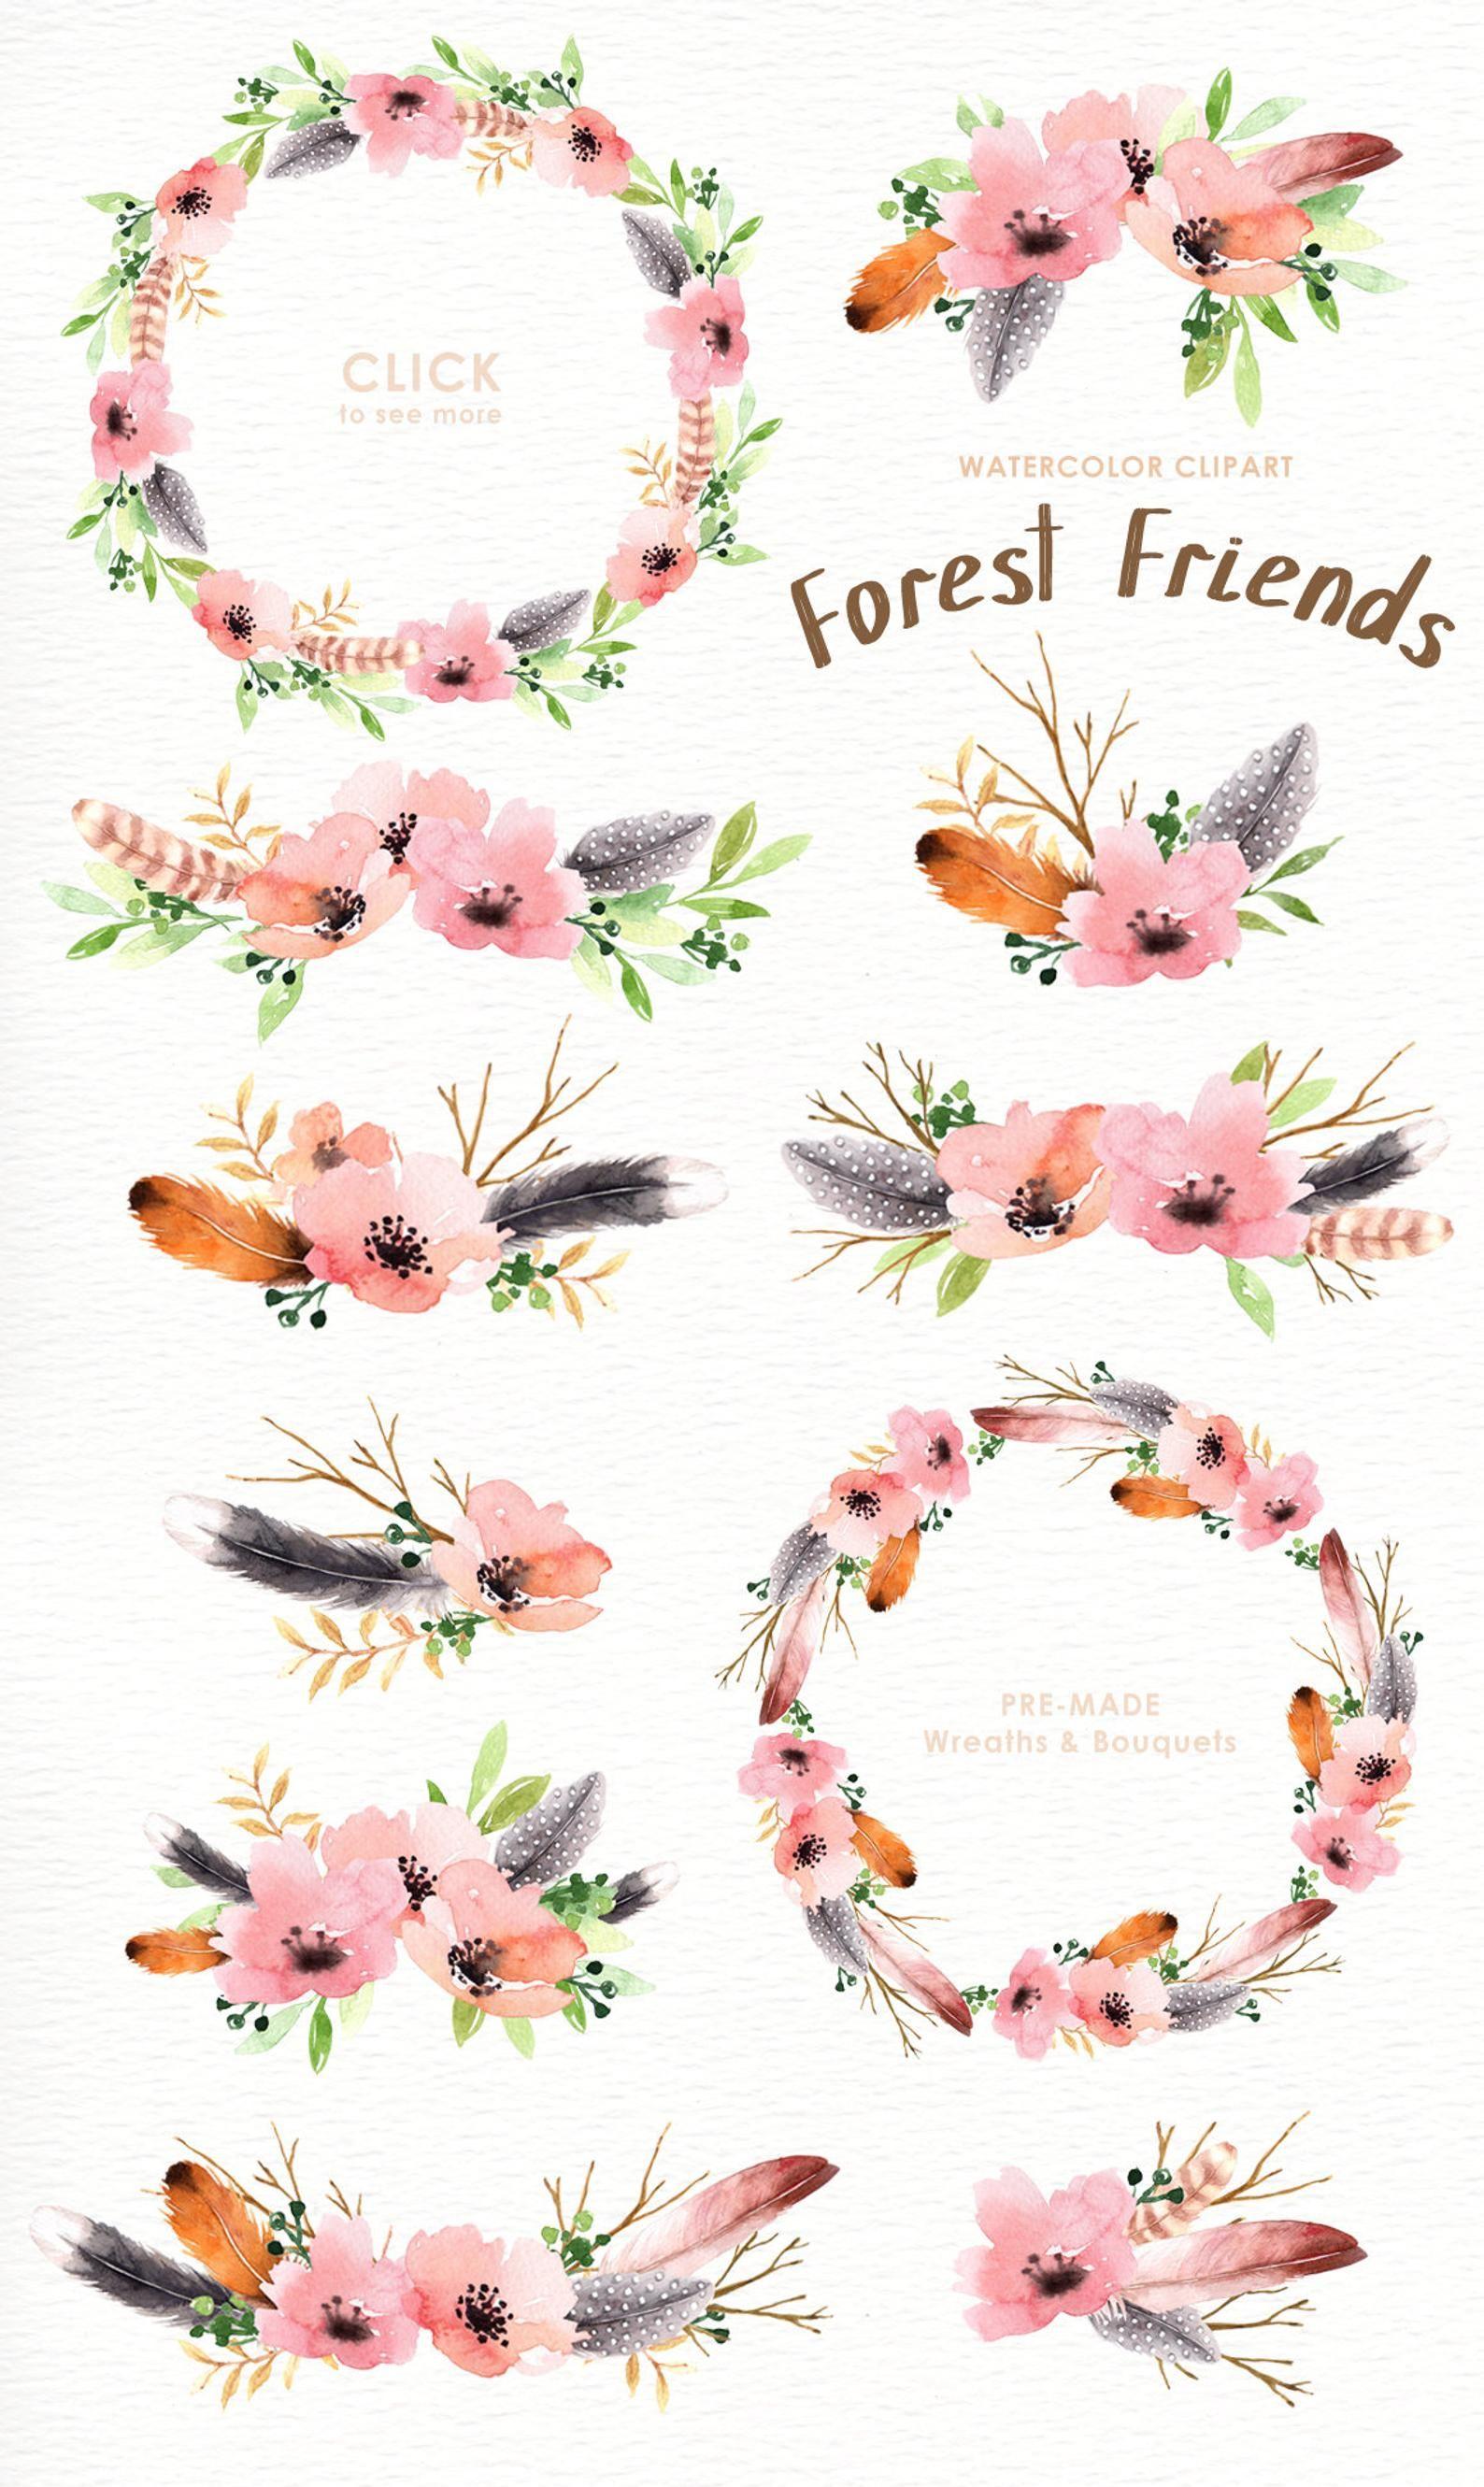 Bosque amigos acuarela Clip Art animales del bosque